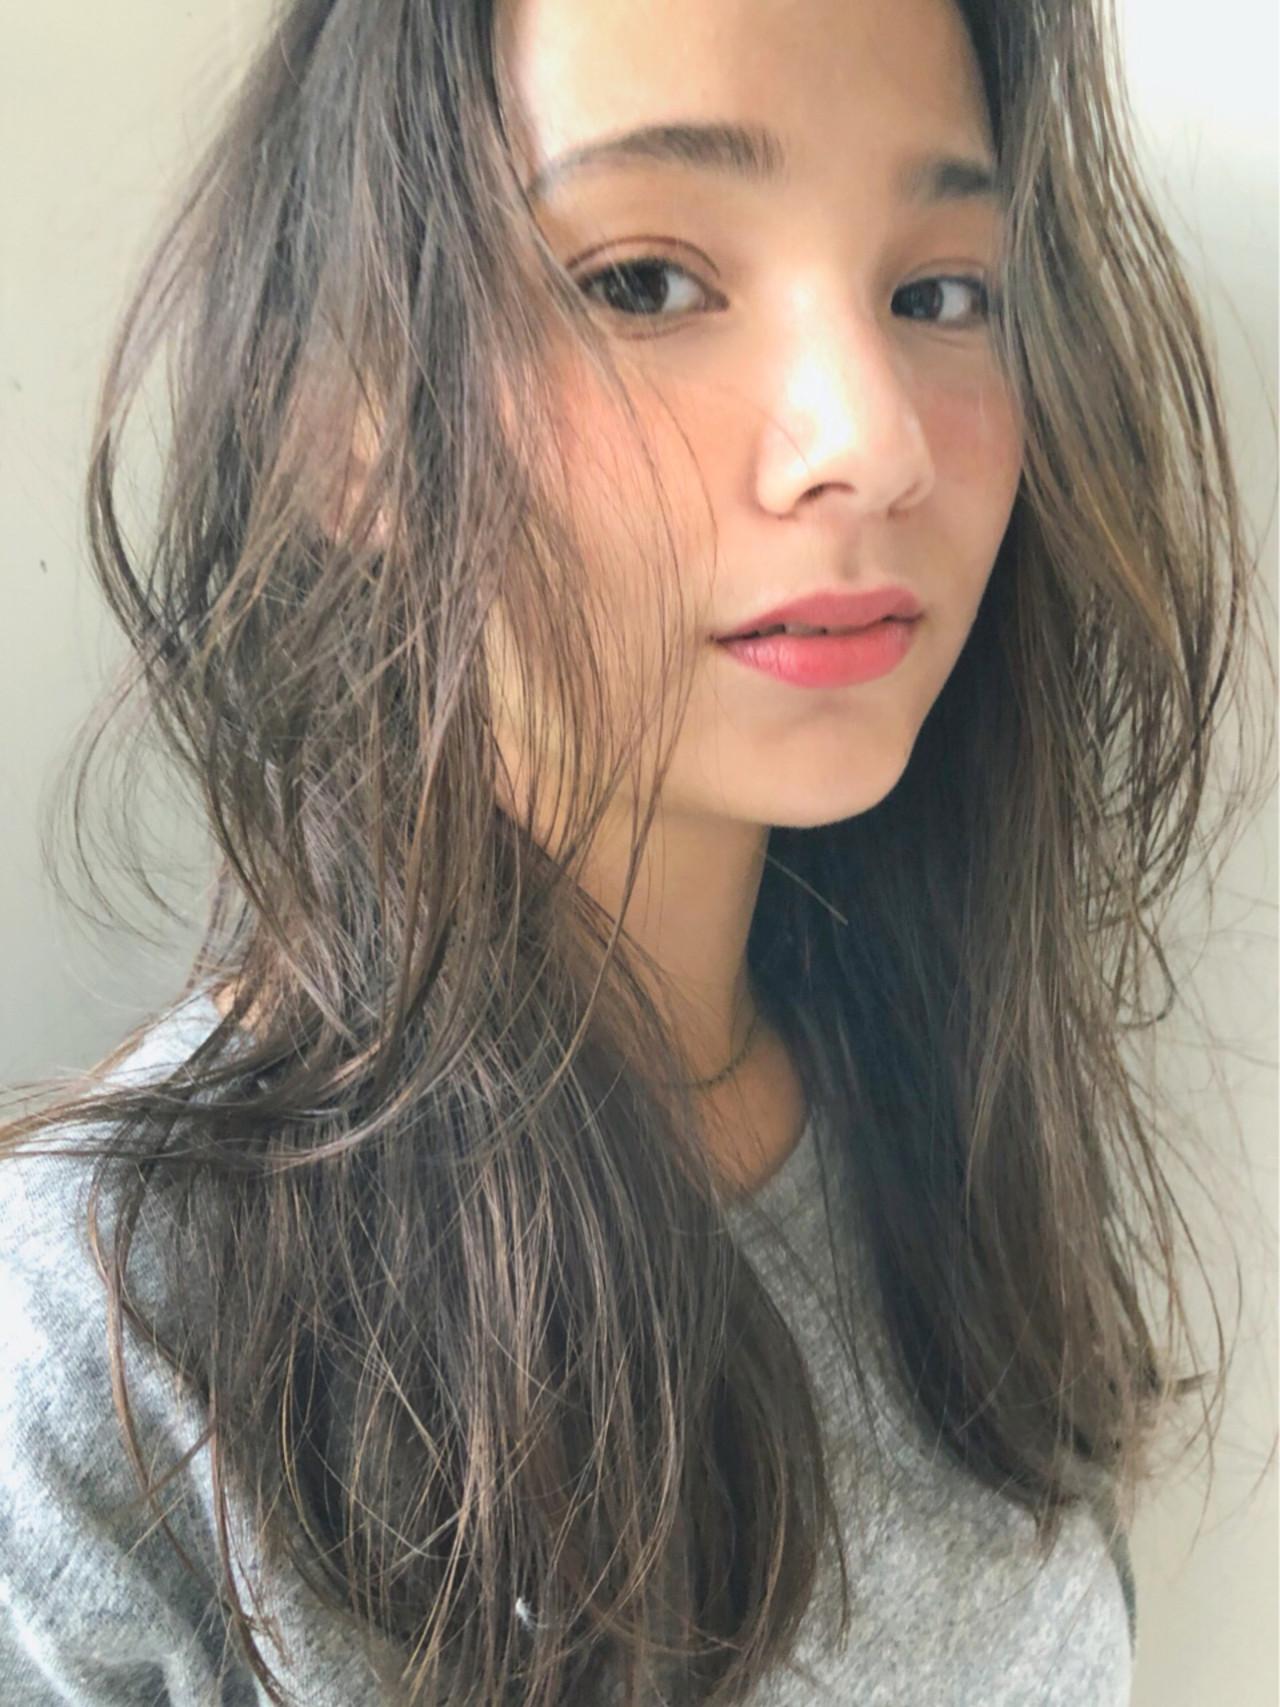 ヘアアレンジ 涼しげ 夏 ガーリー ヘアスタイルや髪型の写真・画像